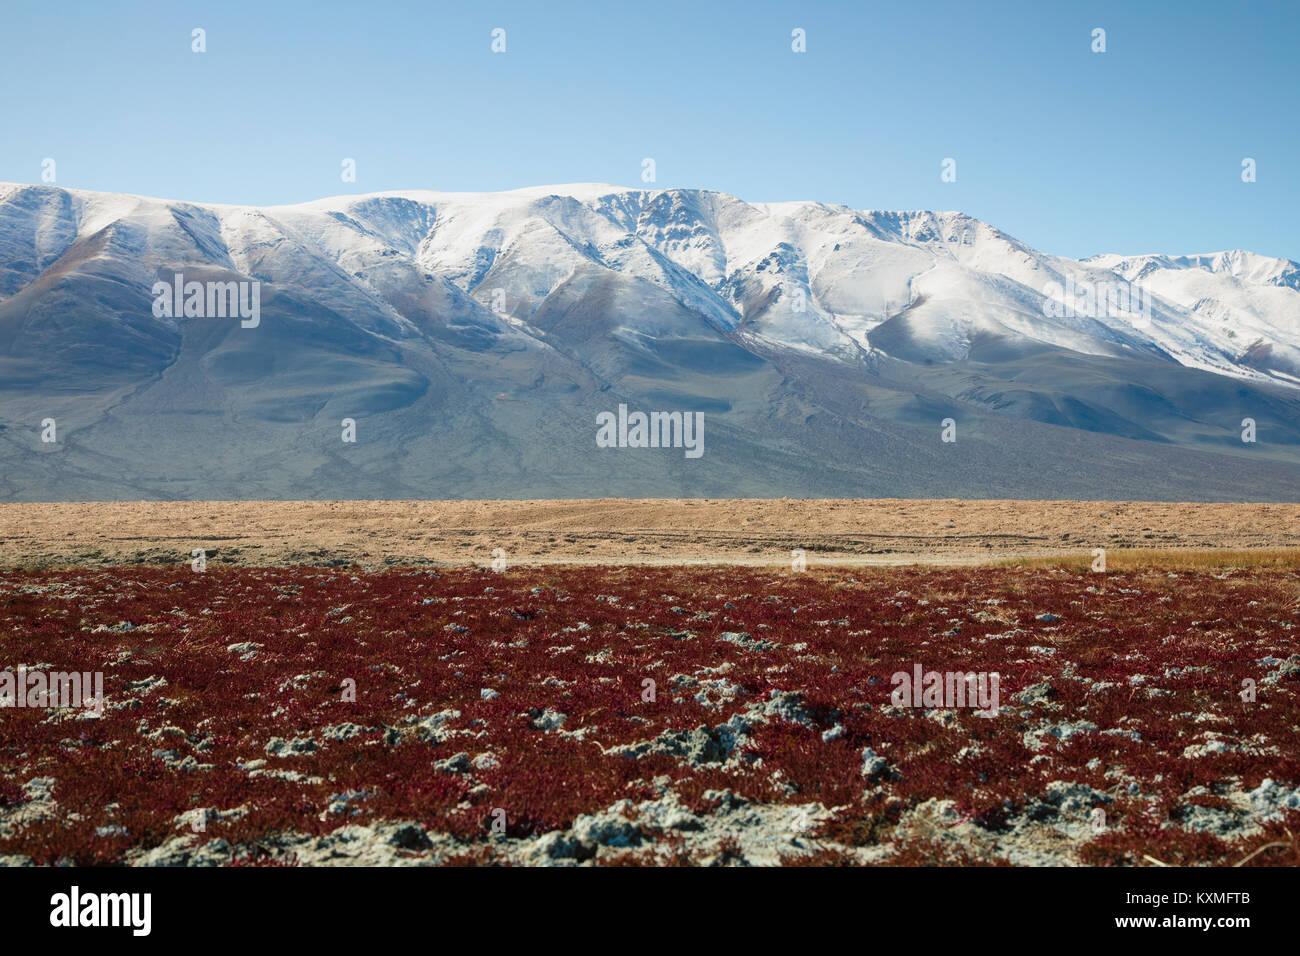 Les montagnes enneigées de l'herbe rouge prairies steppes de Mongolie plantes Photo Stock